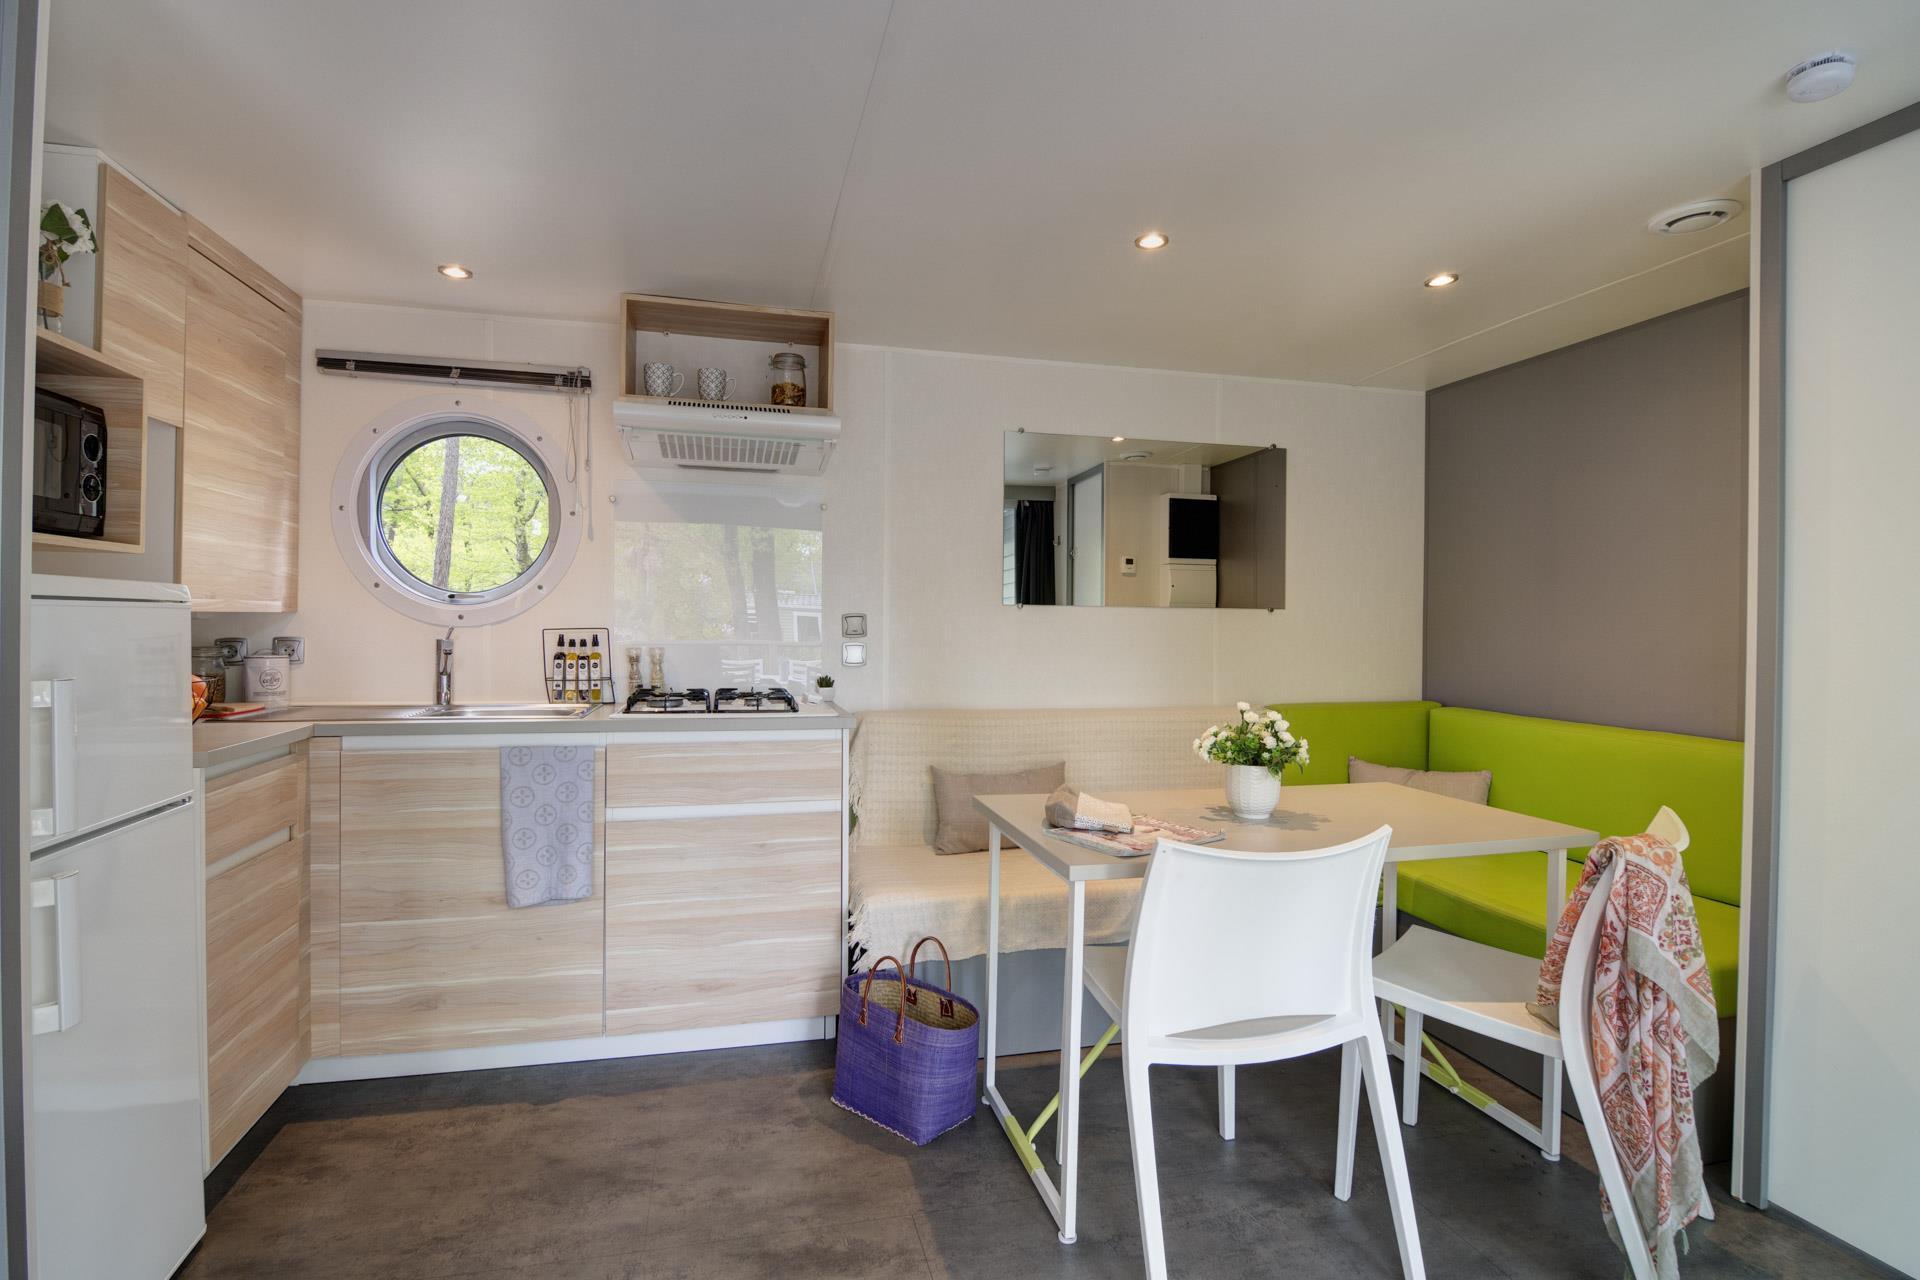 Location - Cottage 2 Chambres 2 Salles De Bains **** - Camping Sandaya L'Orée du Bois